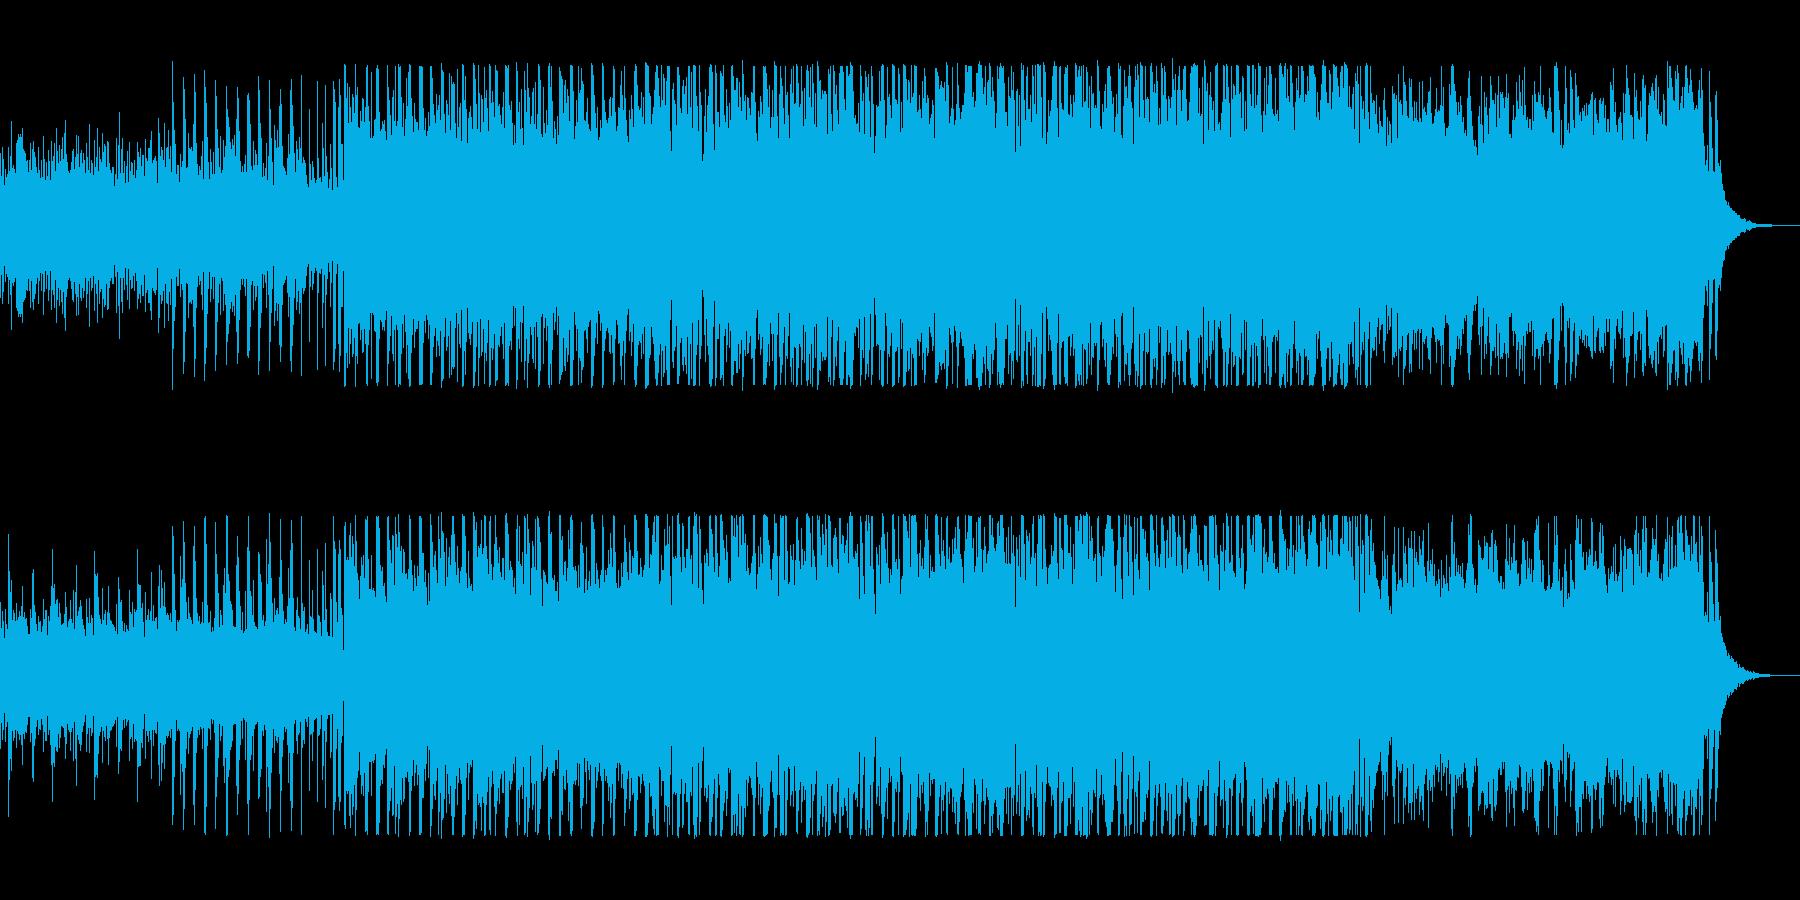 明るくリズムの良い軽快でポップな曲の再生済みの波形